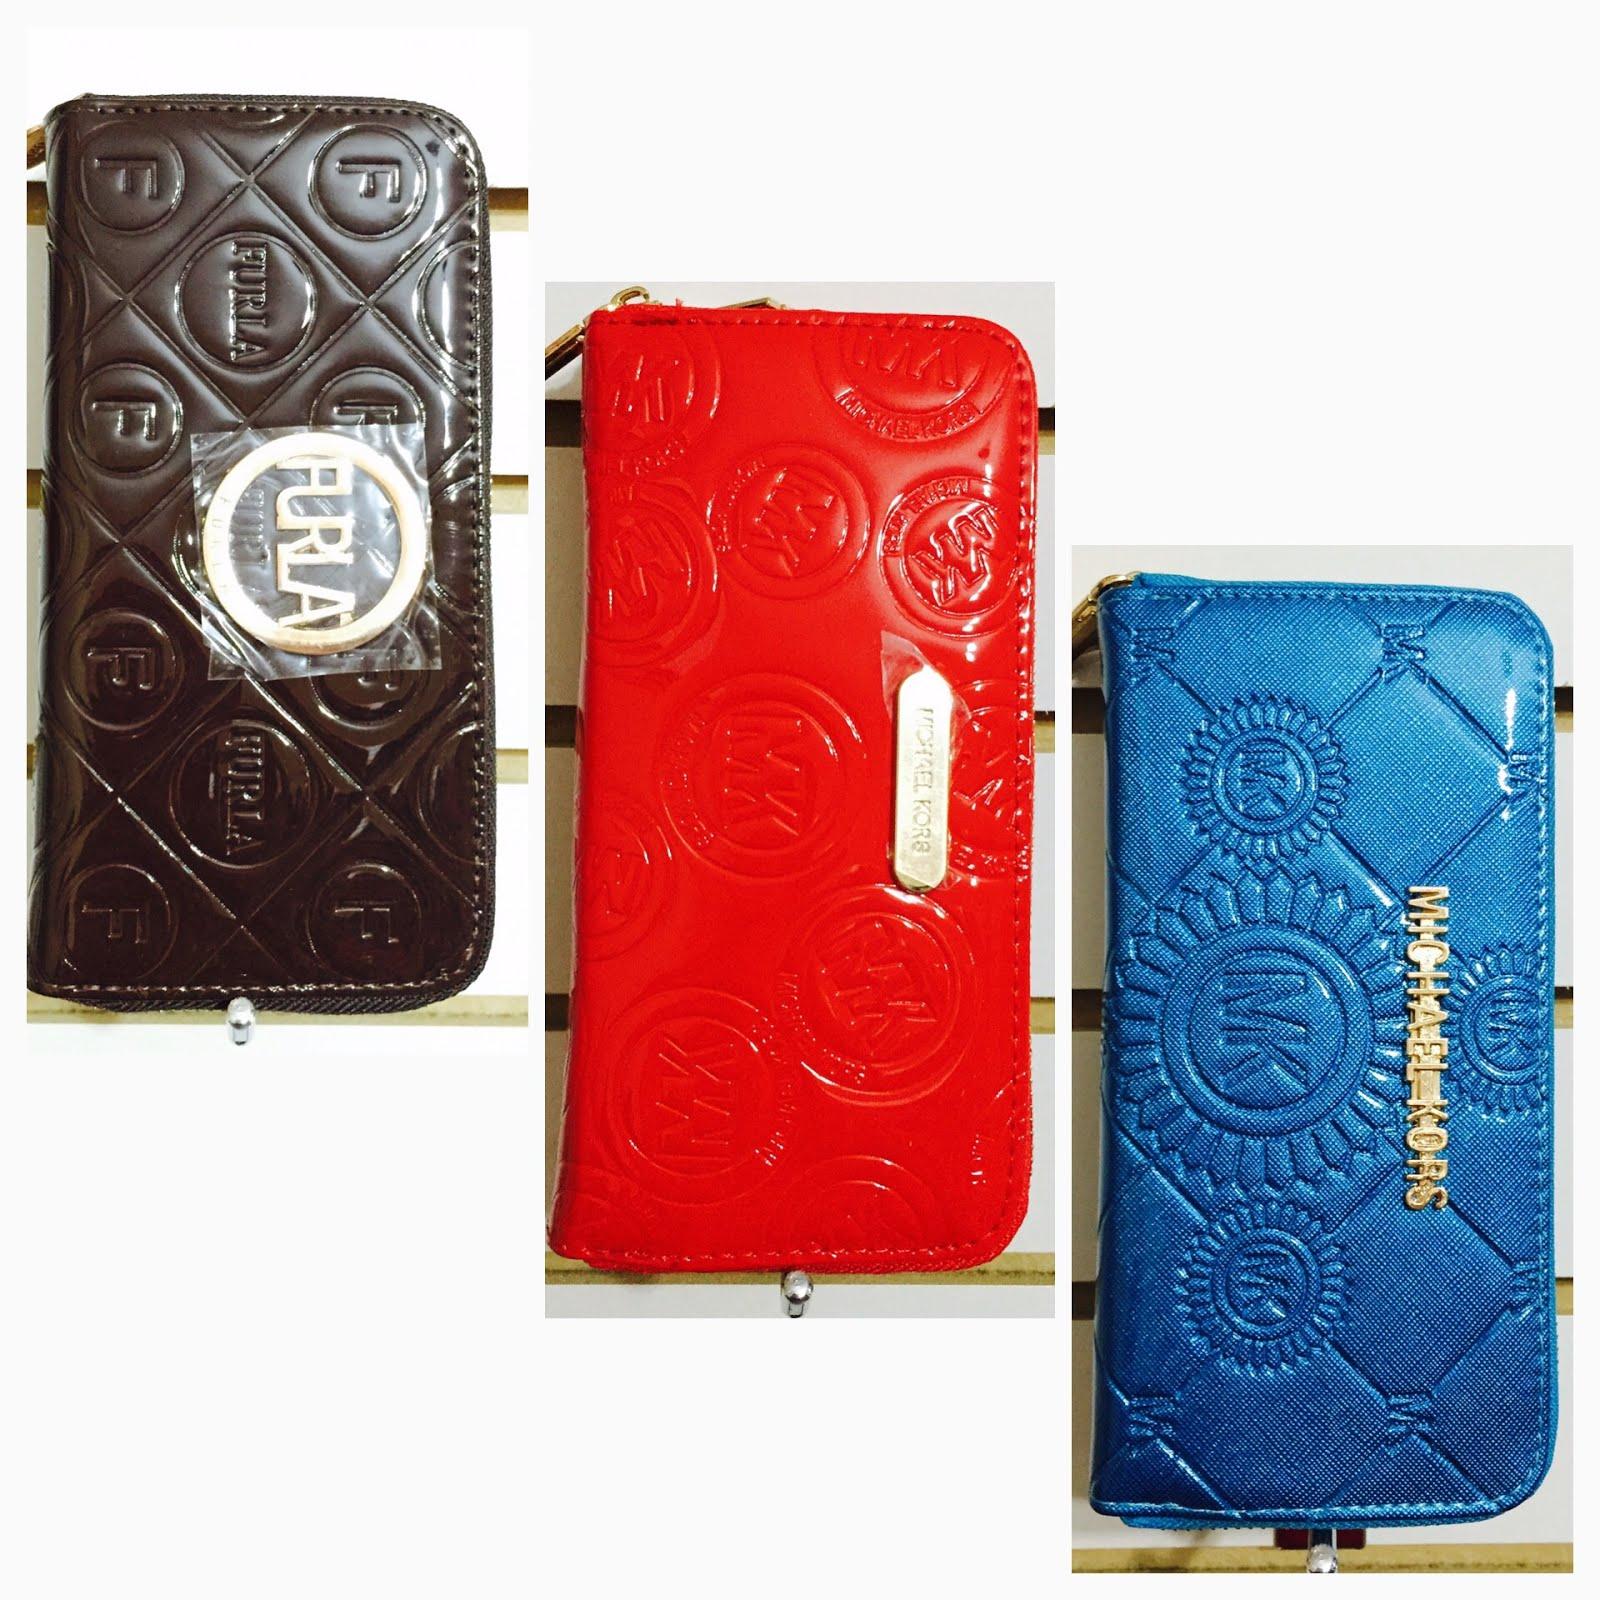 MONEDEROS 002 FURLA Marrón MK Rojo MK azul rey